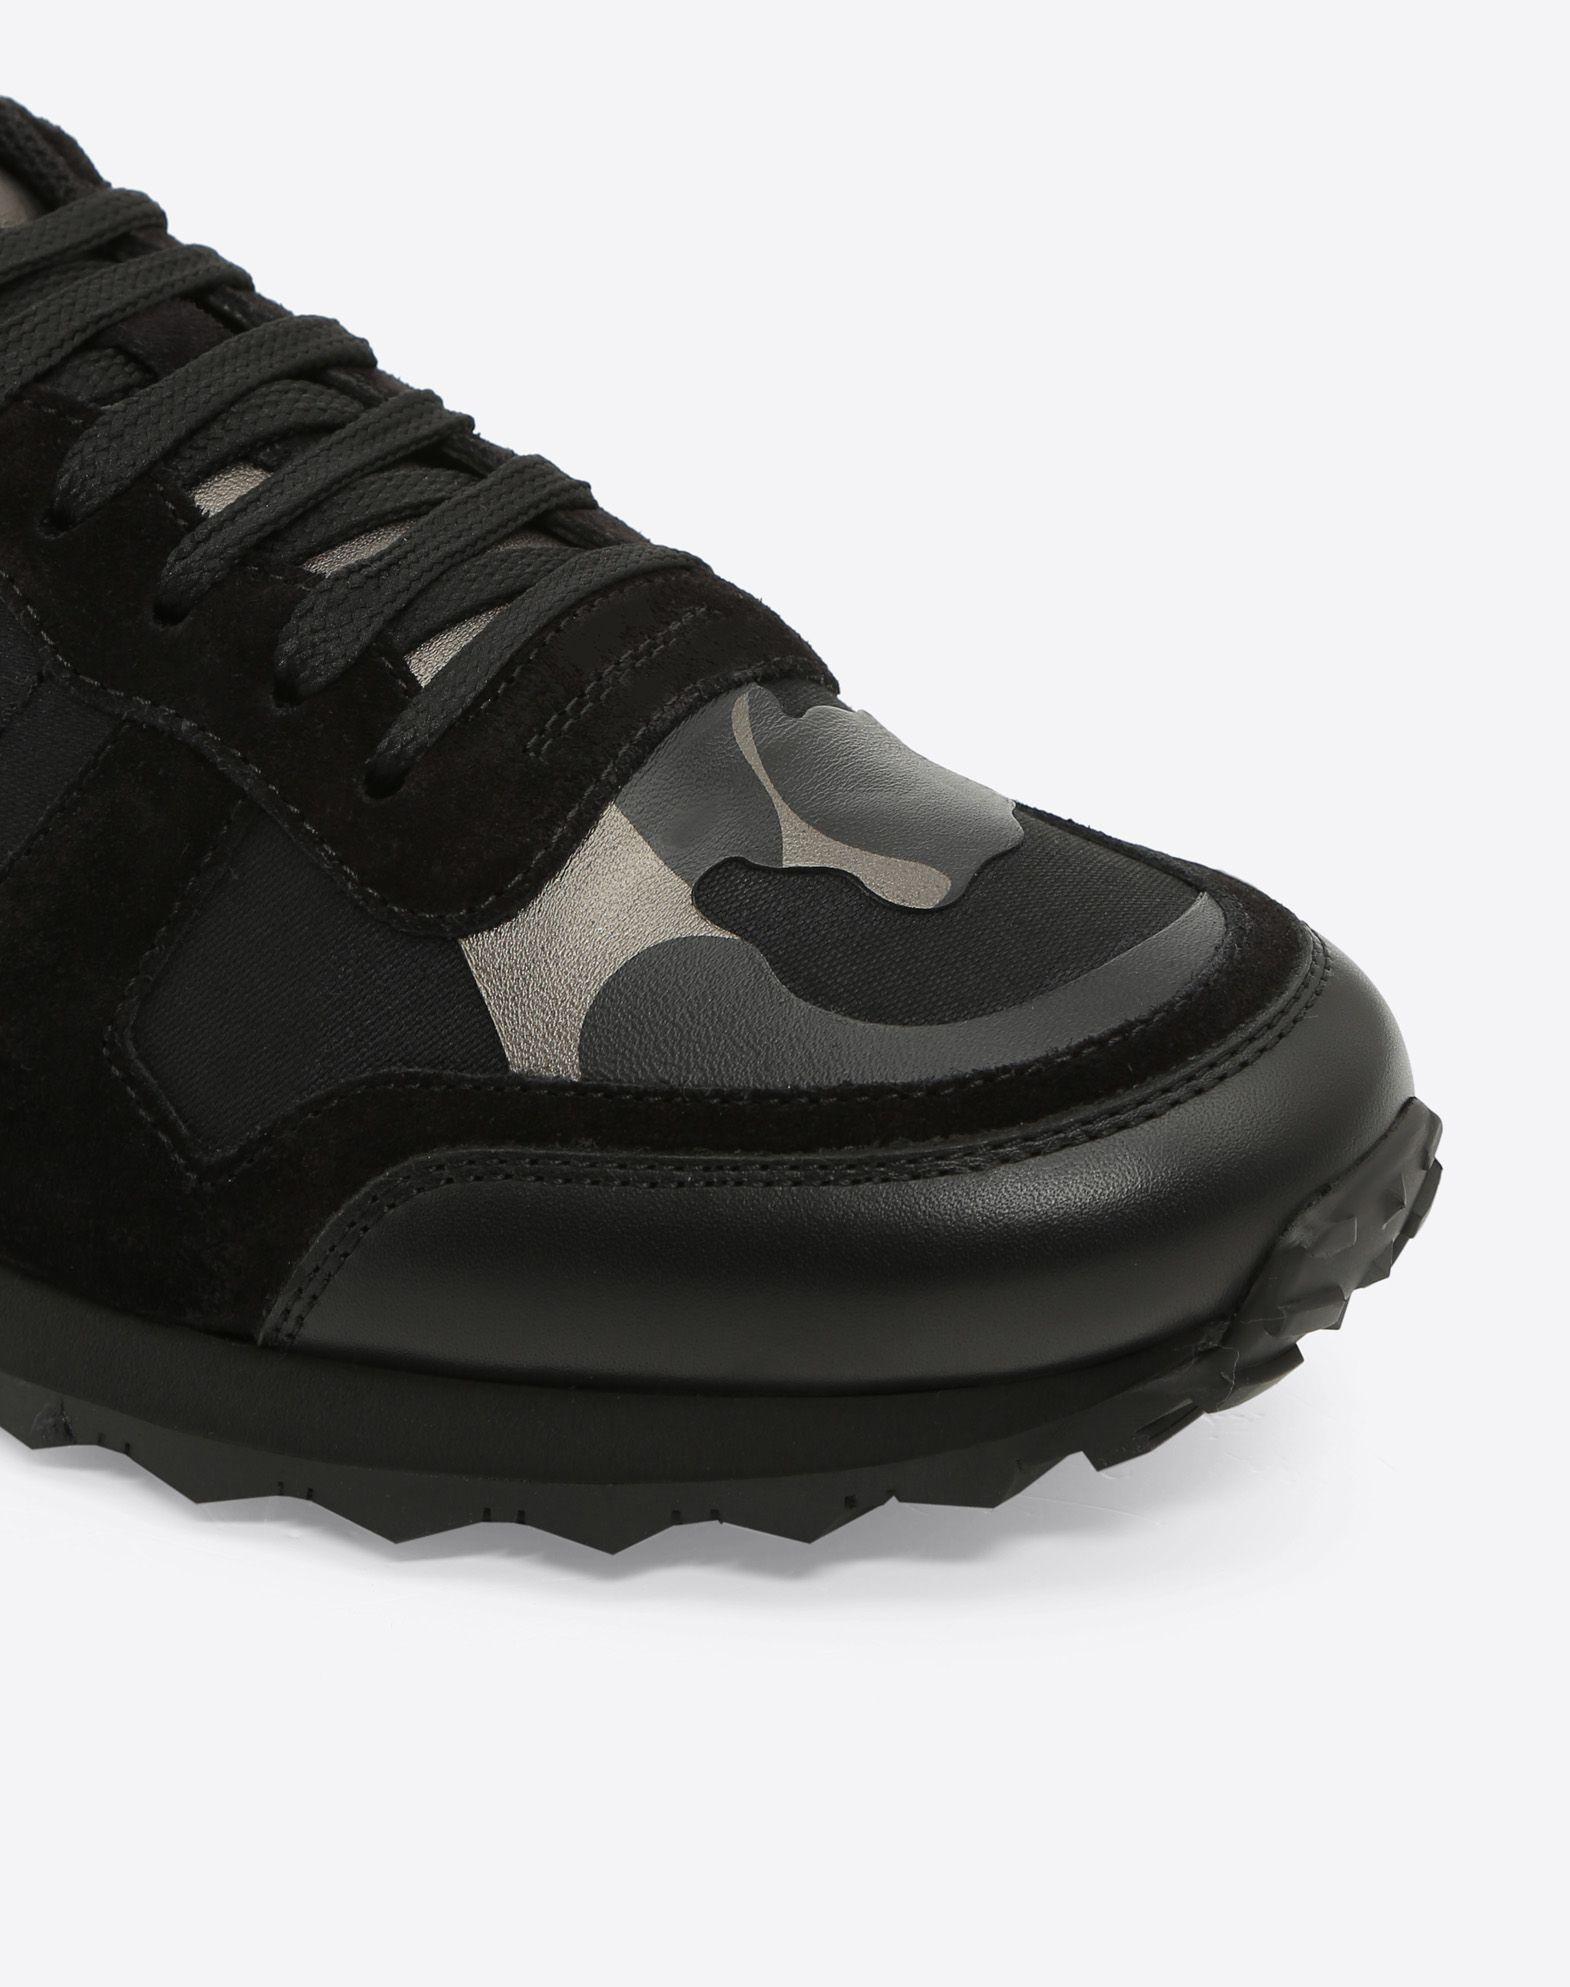 Valentino Rockrunner Camouflage Noir Metallic Trainer Man Black  44